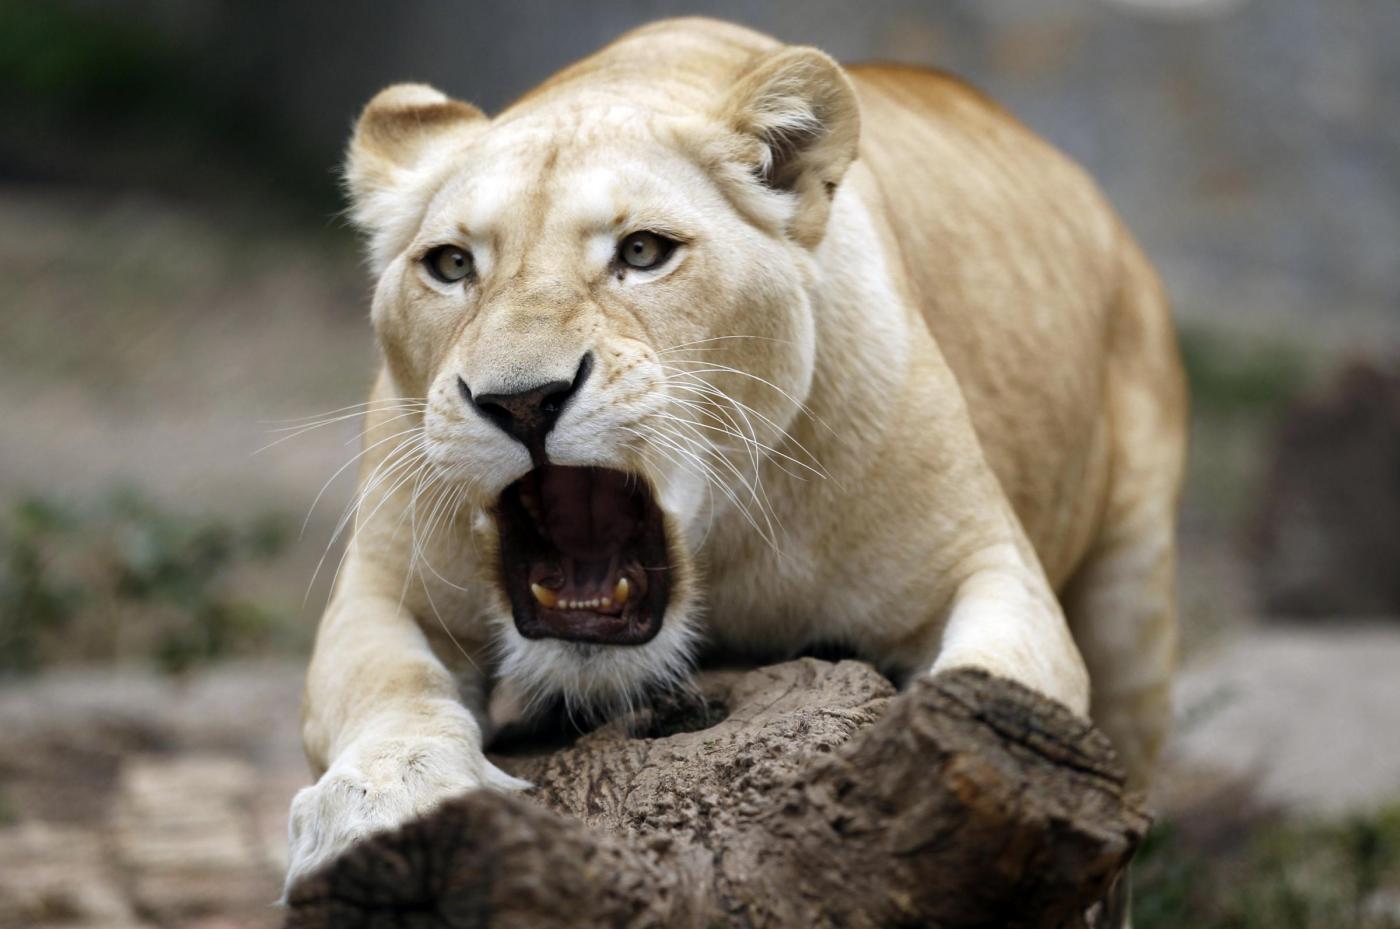 Cuccioli di leone bianco allo zoo di Belgrado01